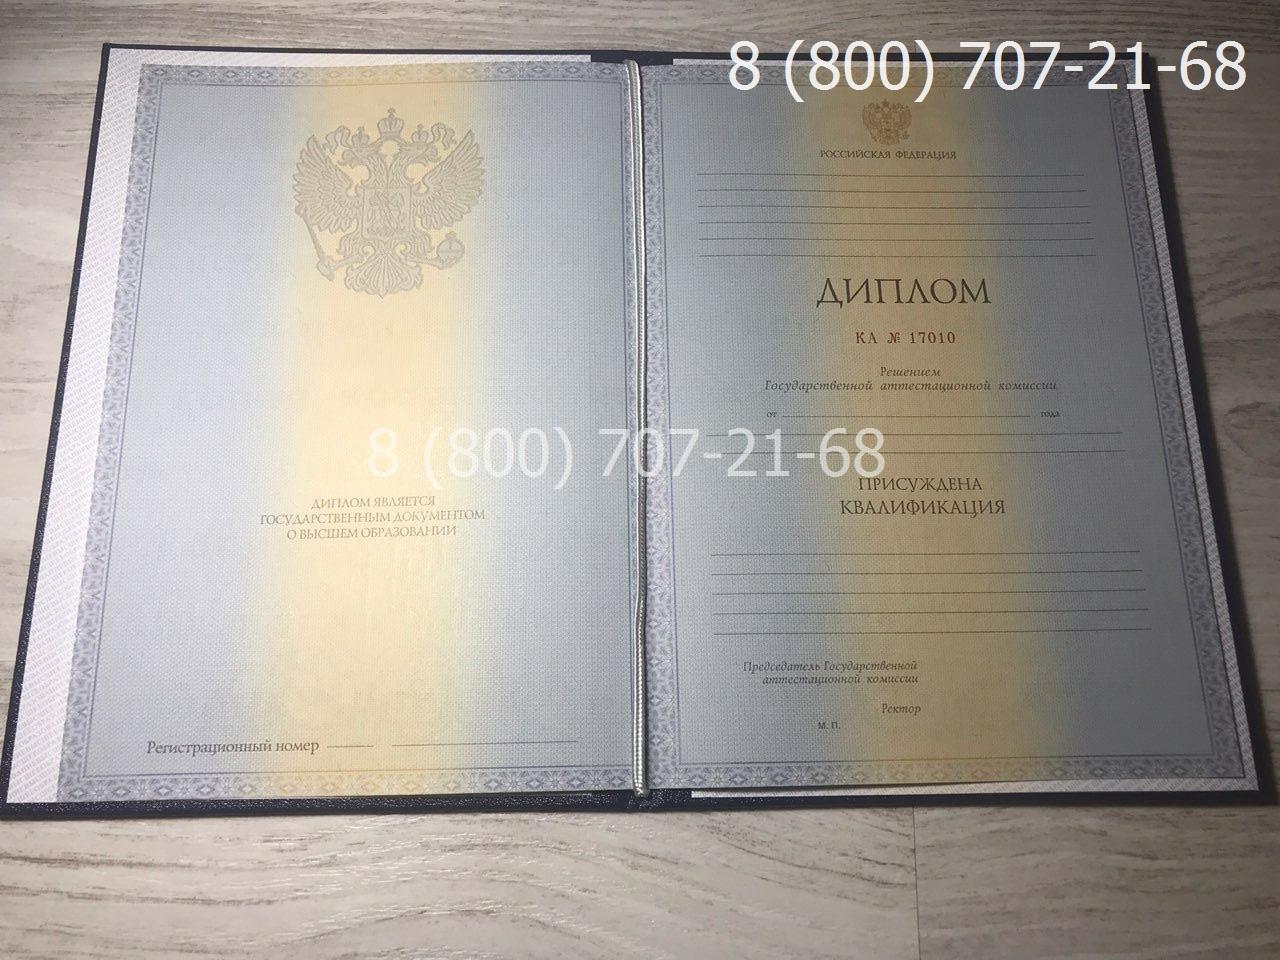 Диплом специалиста 2011-2013 года, старого образца фото 1